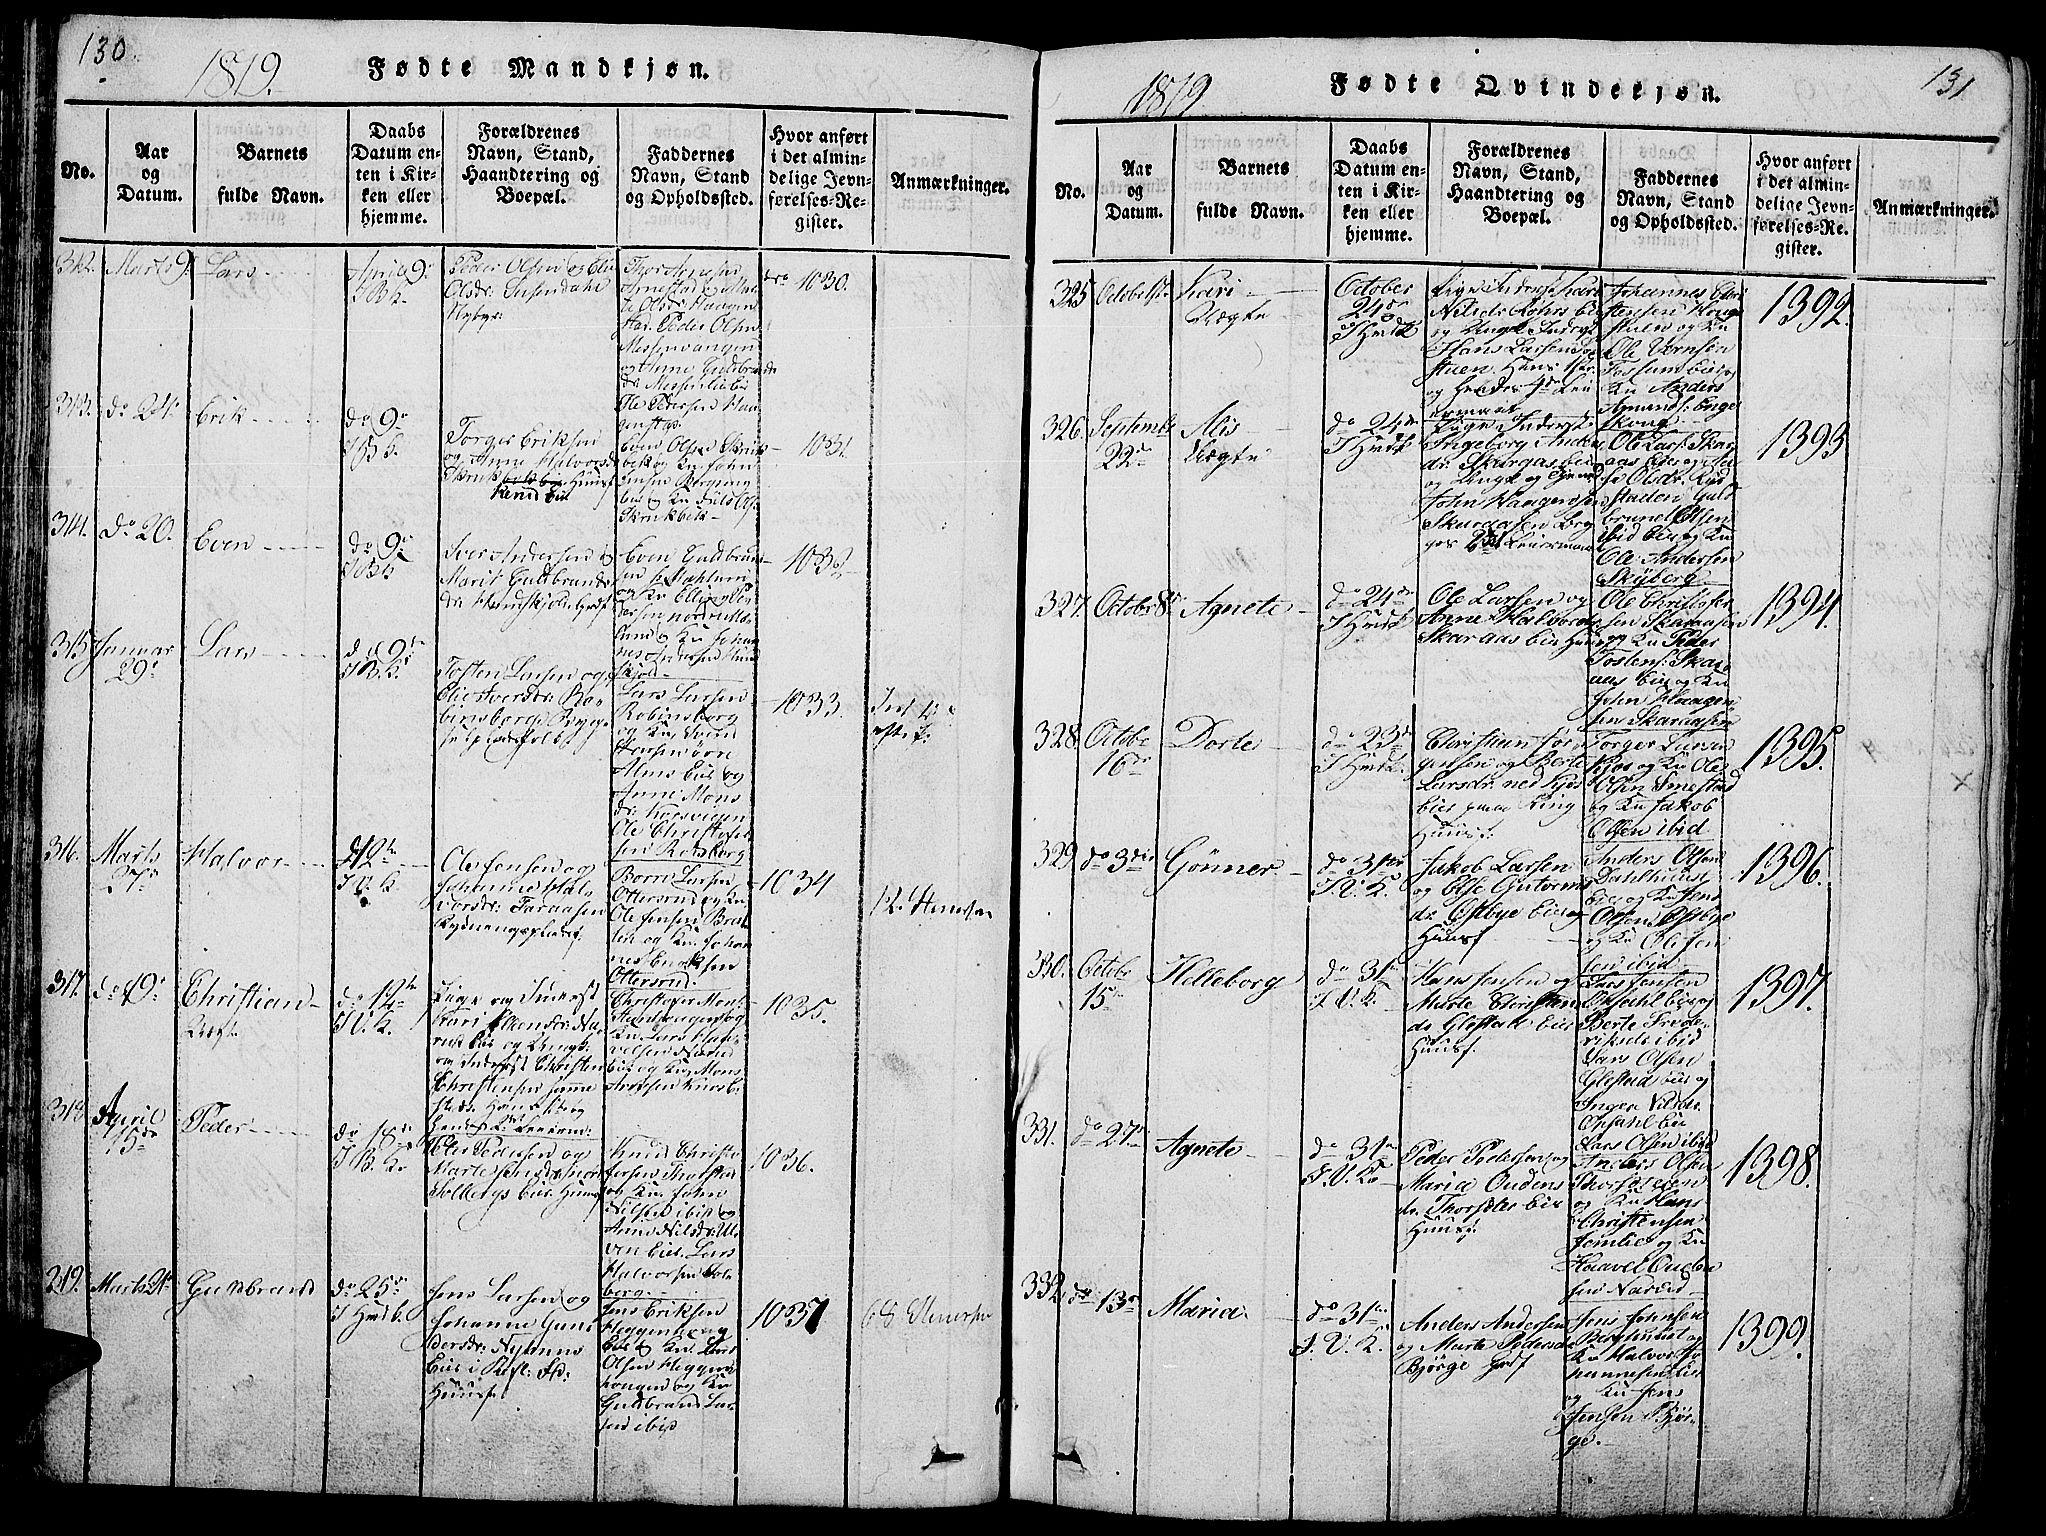 SAH, Ringsaker prestekontor, L/La/L0001: Klokkerbok nr. 1, 1814-1826, s. 130-131